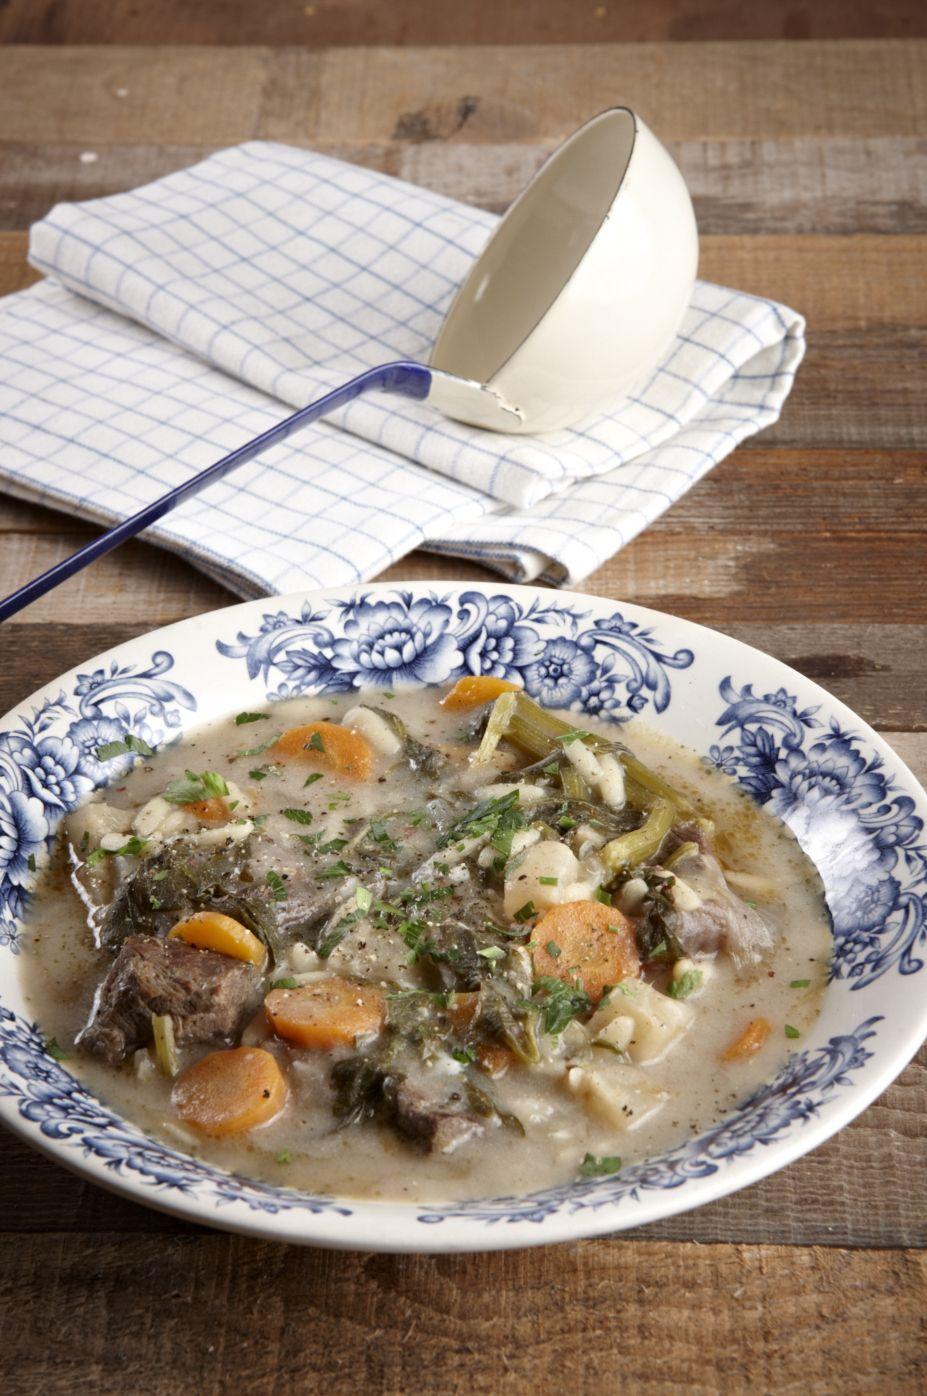 Μια σούπα που ζεσταίνει το χειμώνα και σε γυρνάει πίσω στη φροντίδα της μαμάς και τα τραπέζια της παράδοσης